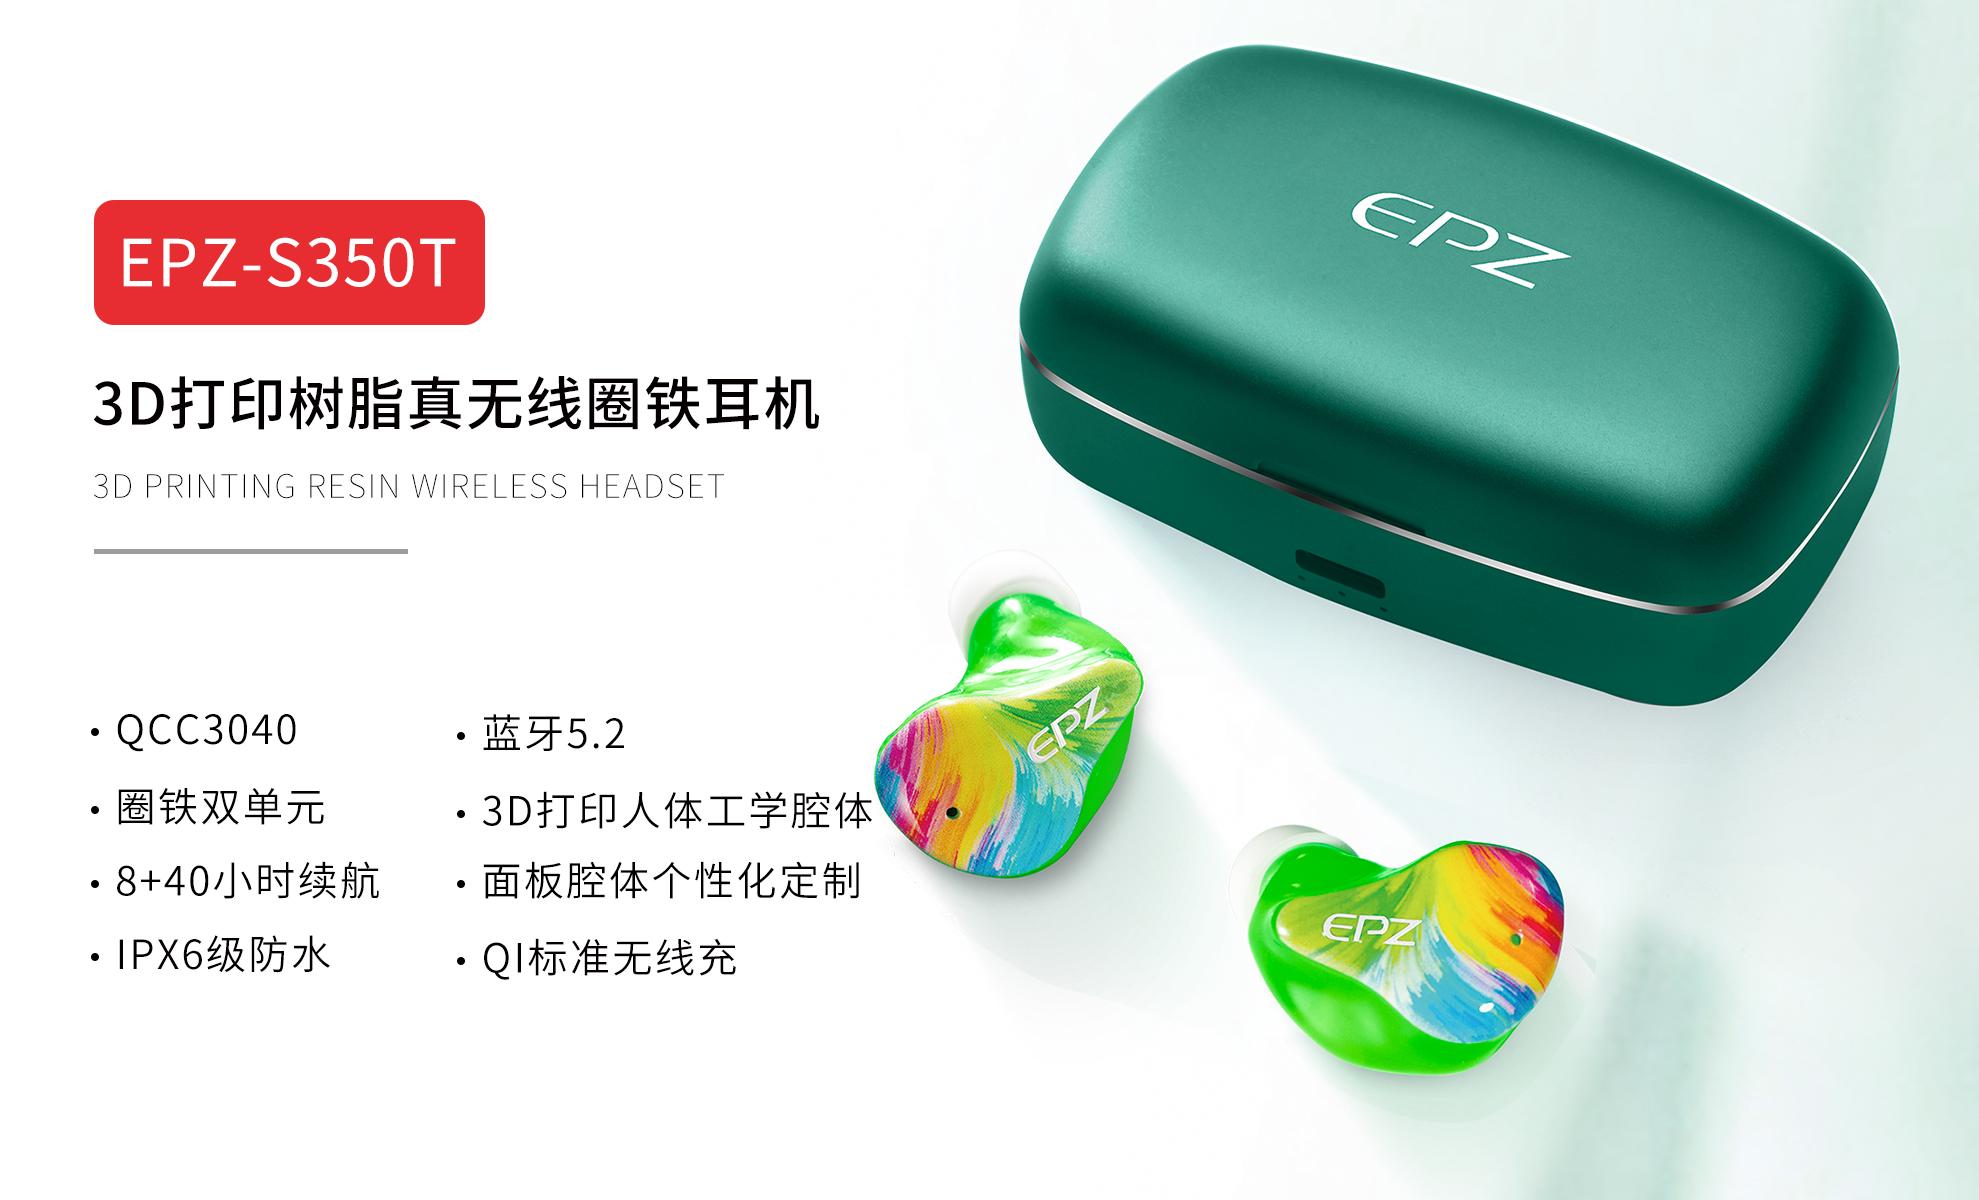 玖舟电子专注3D打印树脂HIFI耳机,树脂TWS耳机的设计,生产,研发与销售-我爱音频网